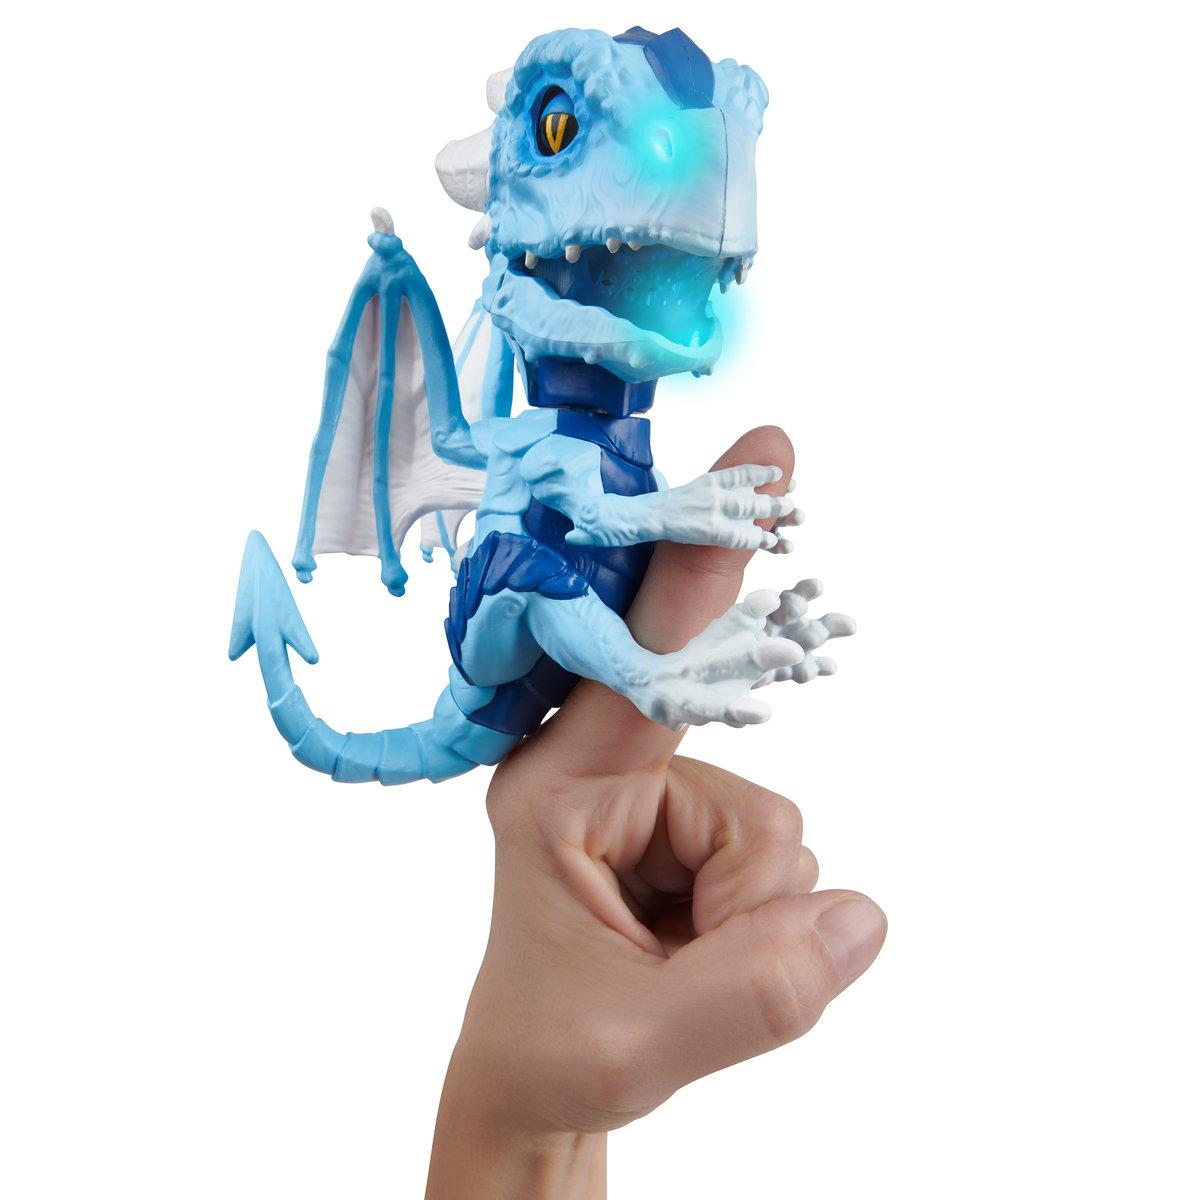 WowWee, Fingerlings Untamed, figurka interaktywna Smok Freezer - WowWee